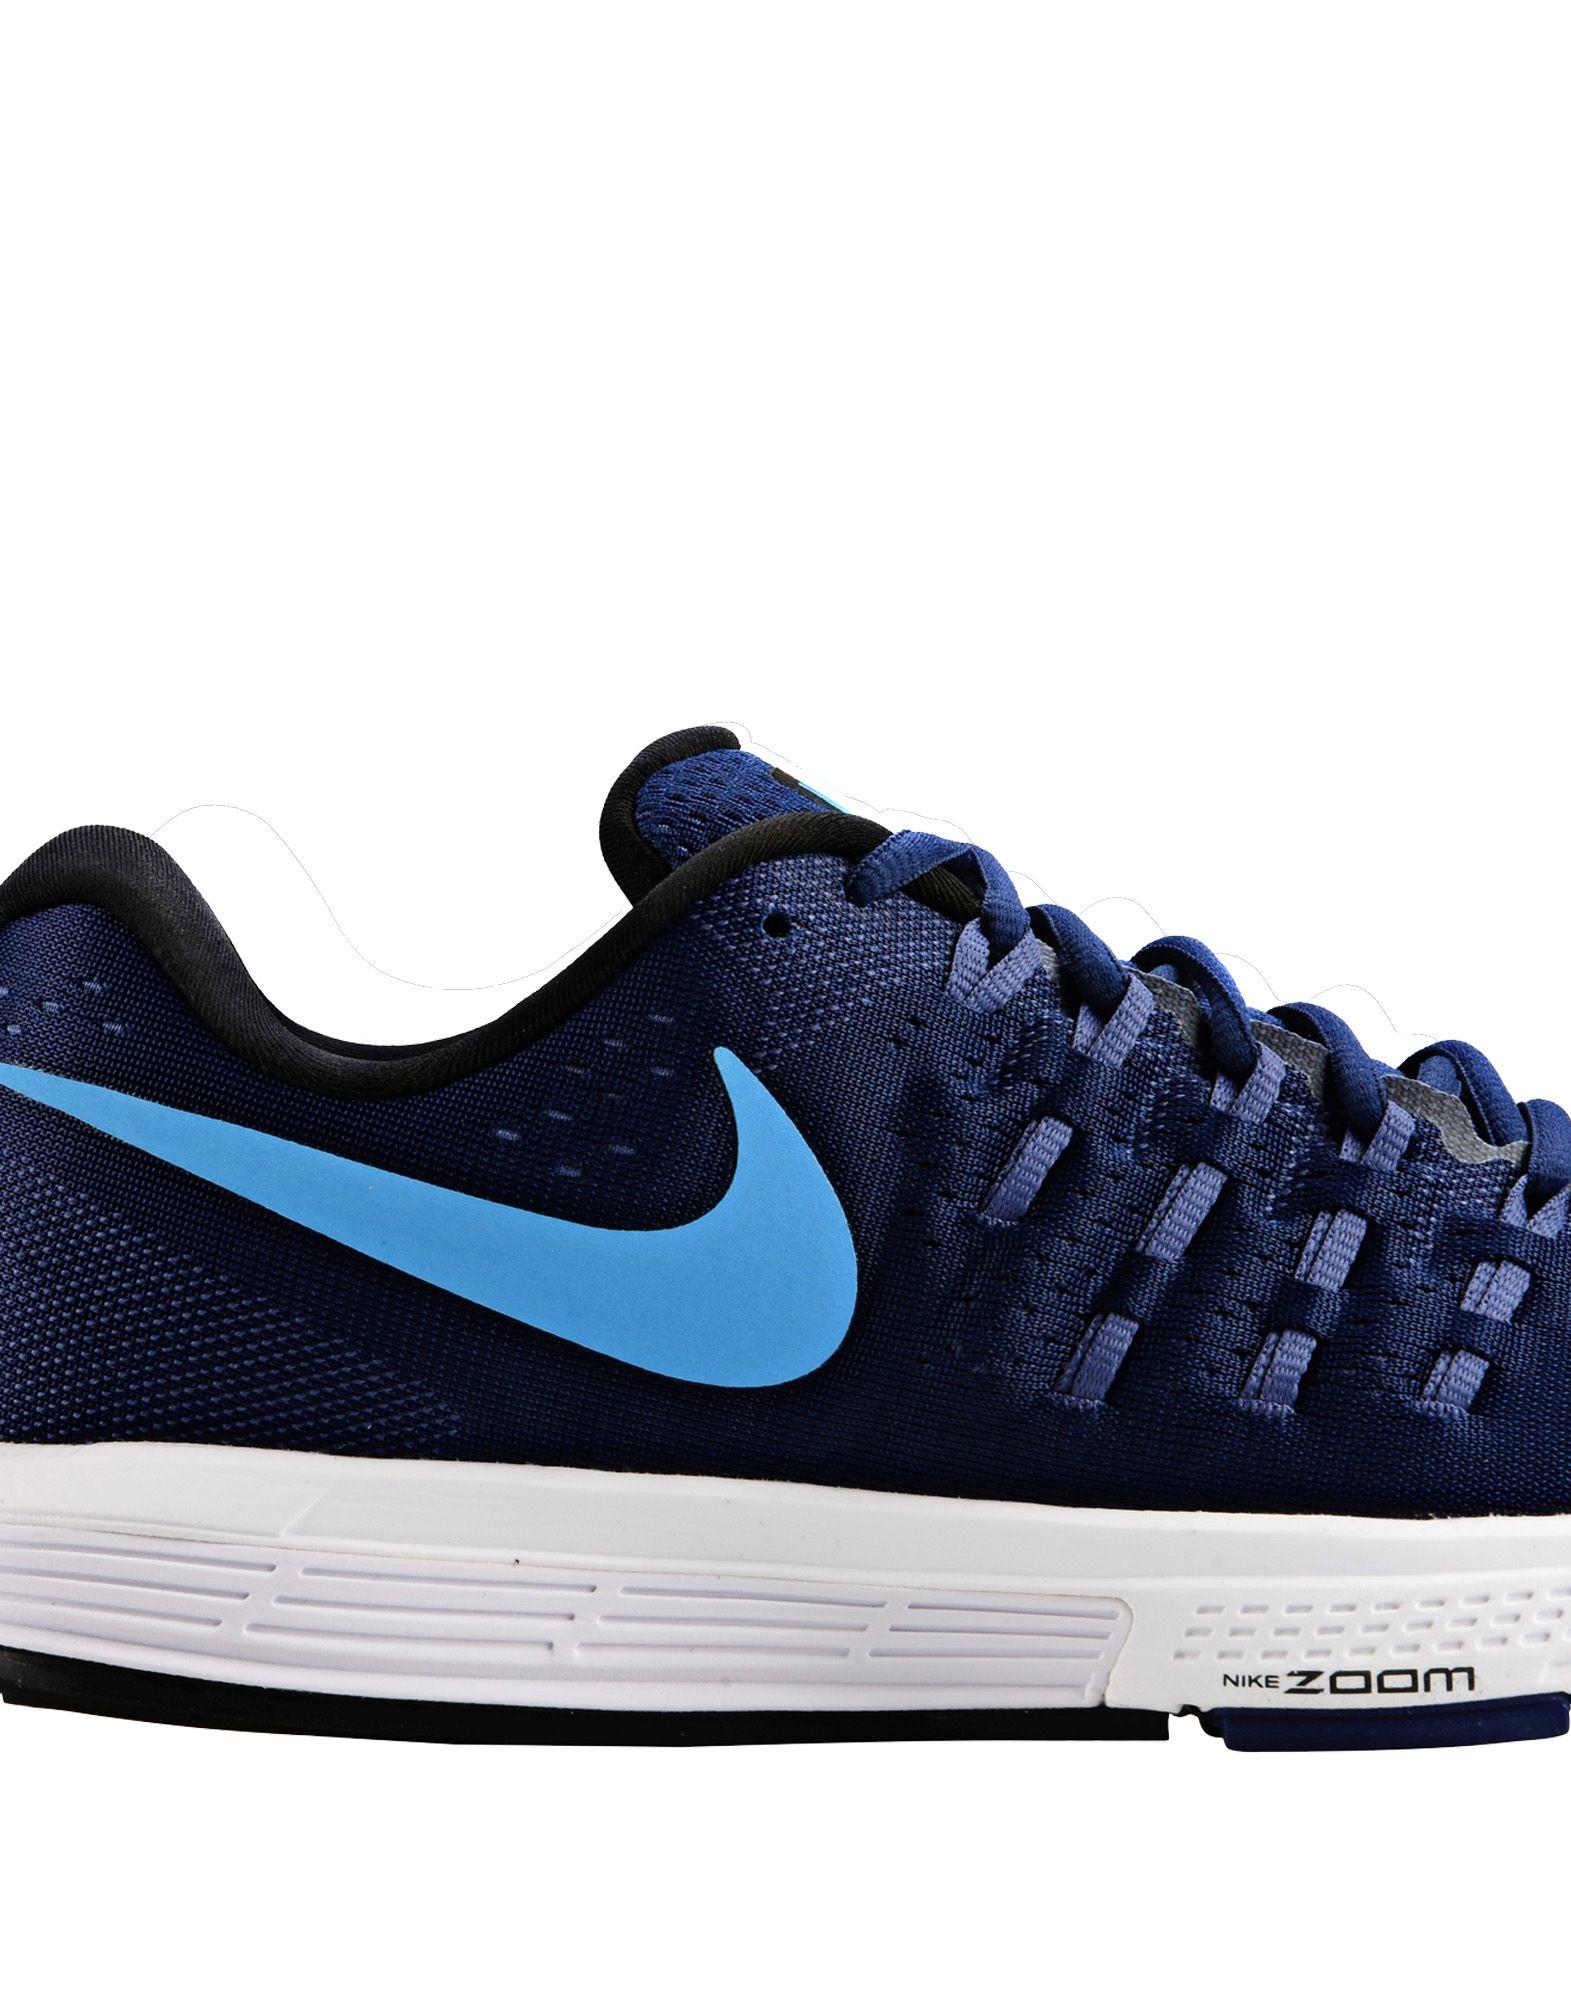 Sneakers Nike Nike Air Zoom Vomero 11 - Homme - Sneakers Nike sur